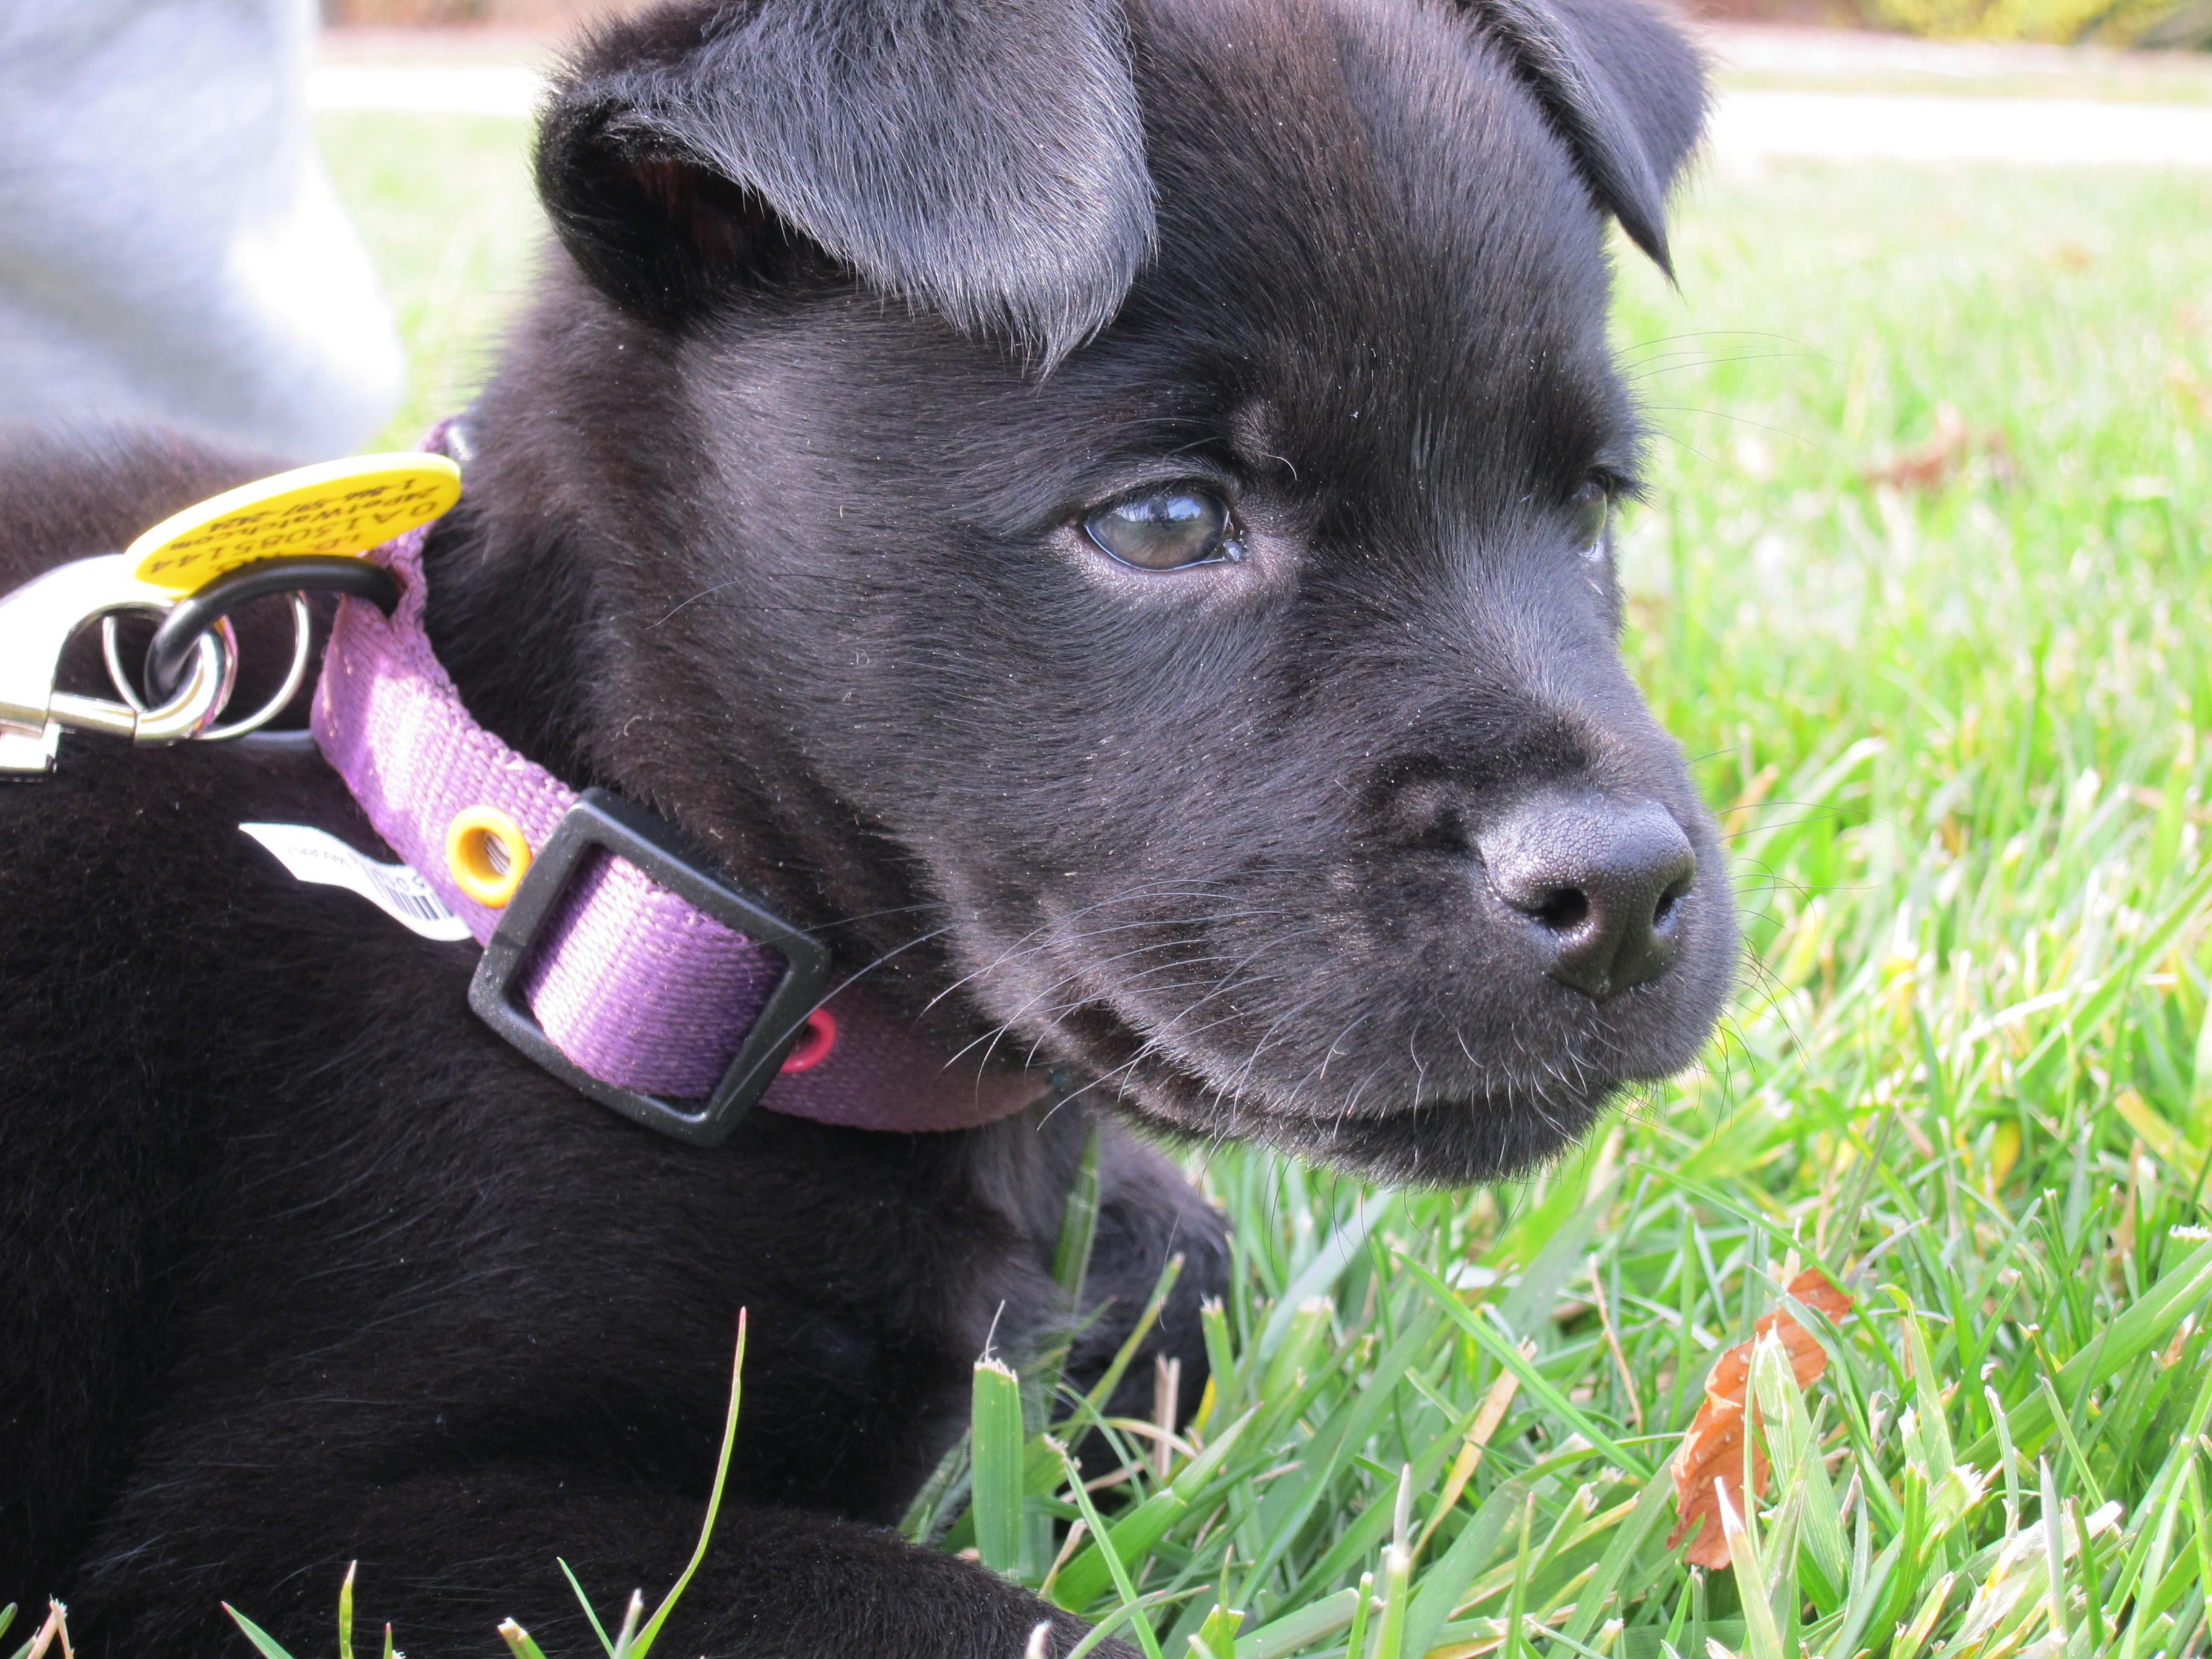 Dog - Puppy, Alert, Black, Dog, Puppy, HQ Photo